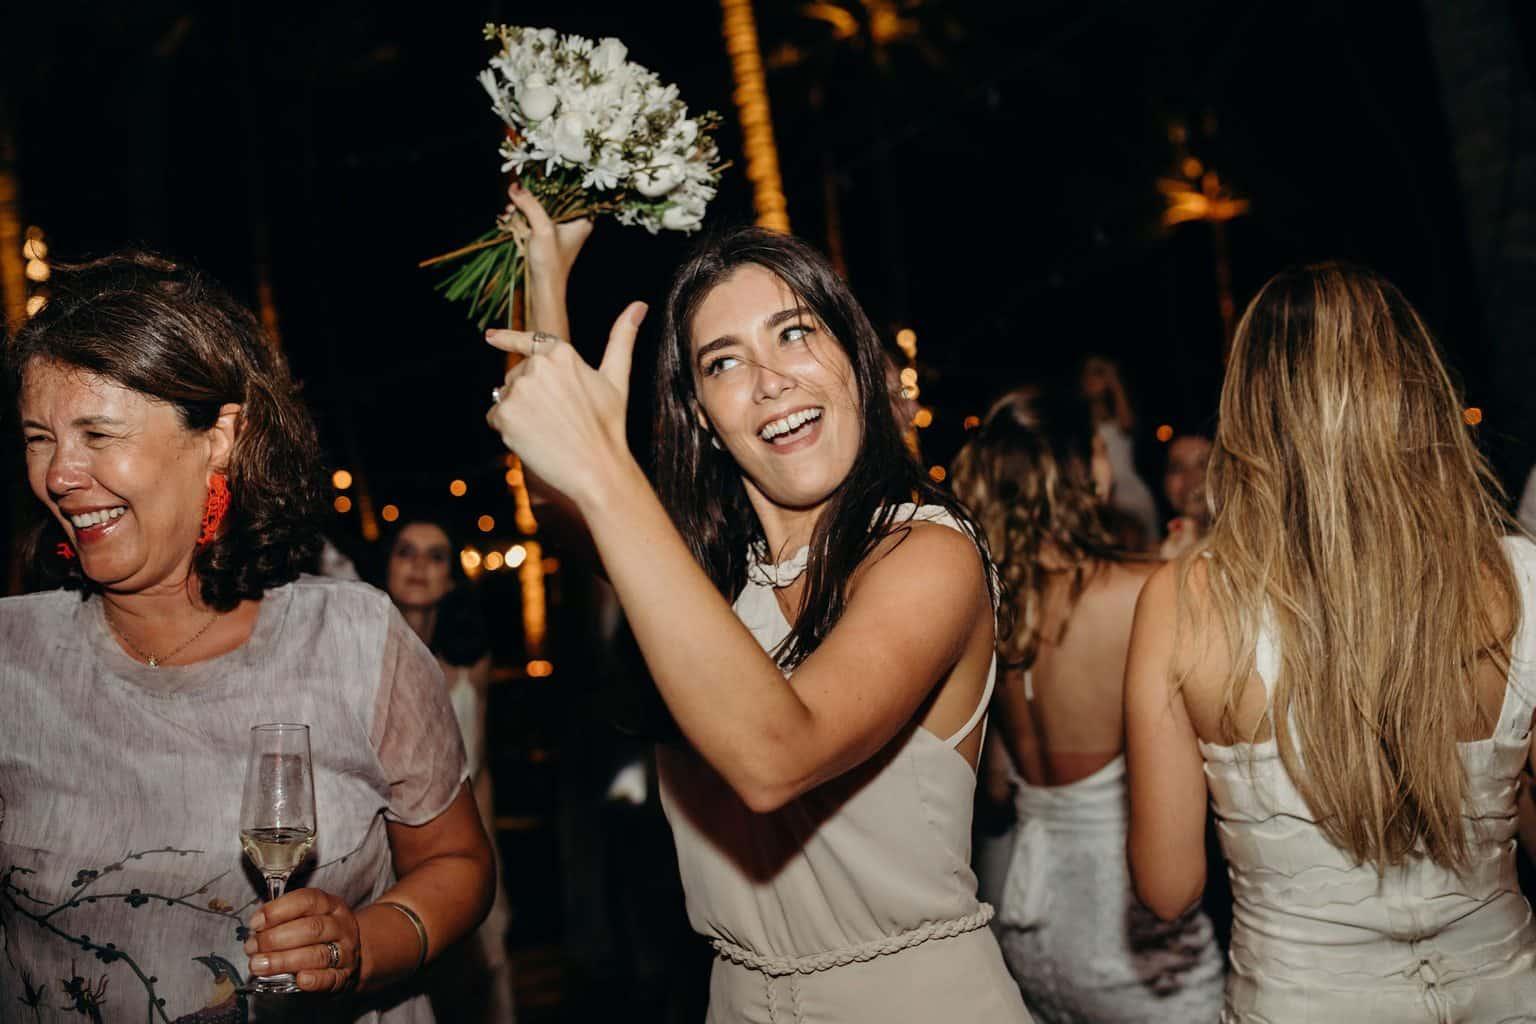 casamento-Danielle-e-Guilherme-aloha-fotografia-caseme-144